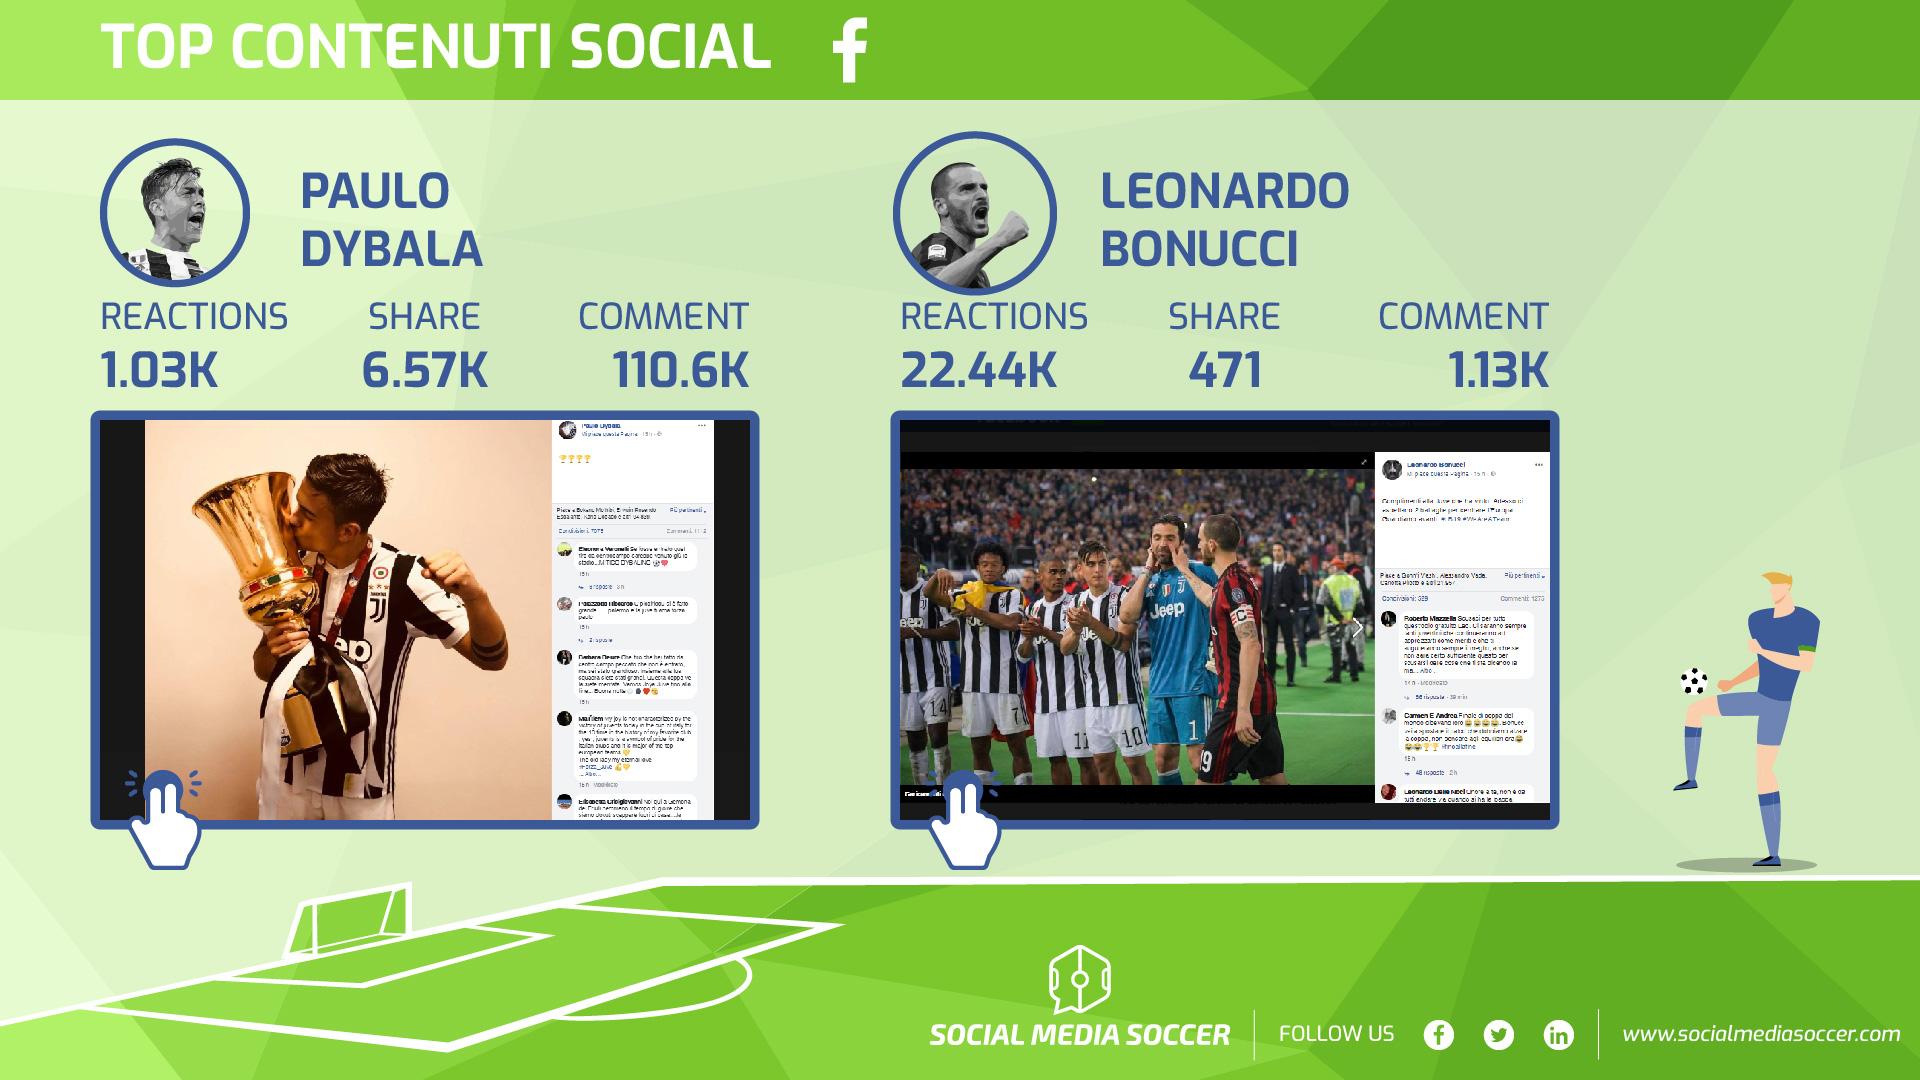 Migliori contenuti giocatori finale Coppa Italia Facebook